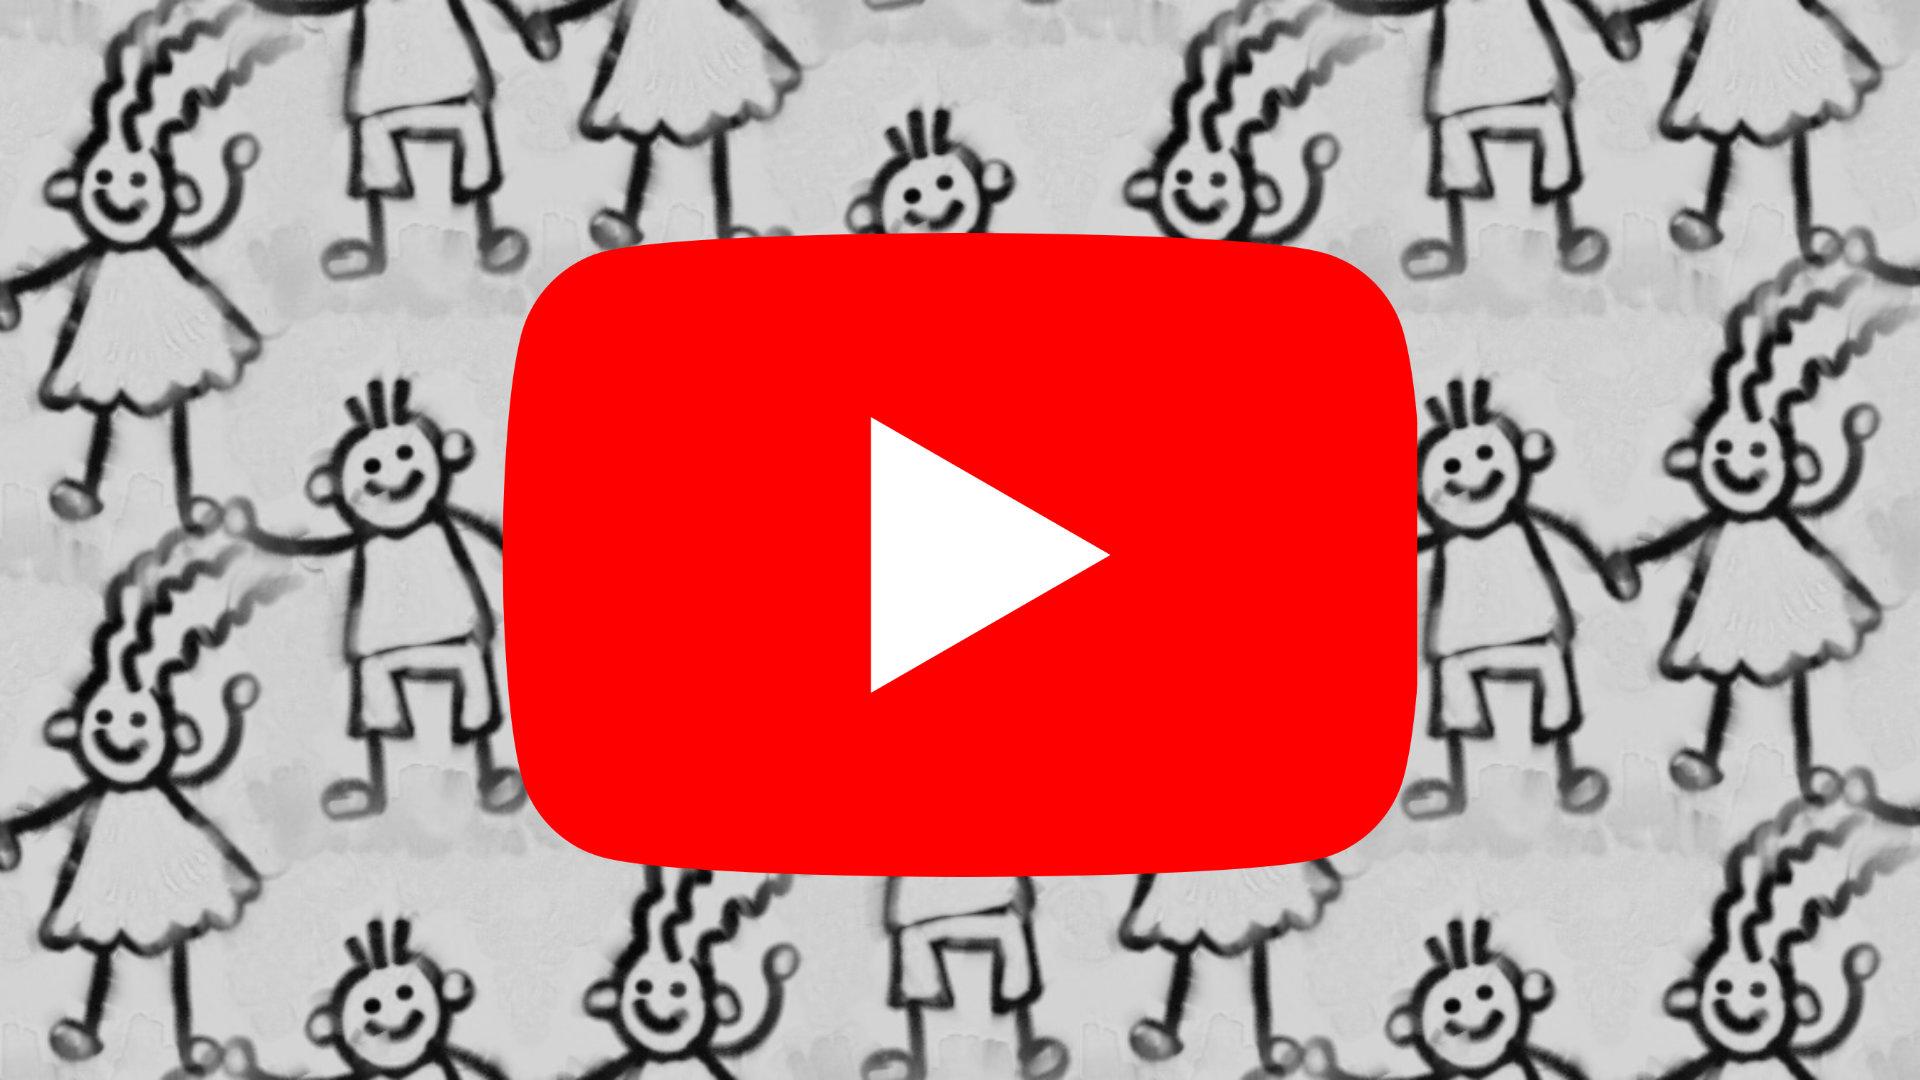 Contre Les Prédateurs Sexuels Youtube Va Finalement Supprimer